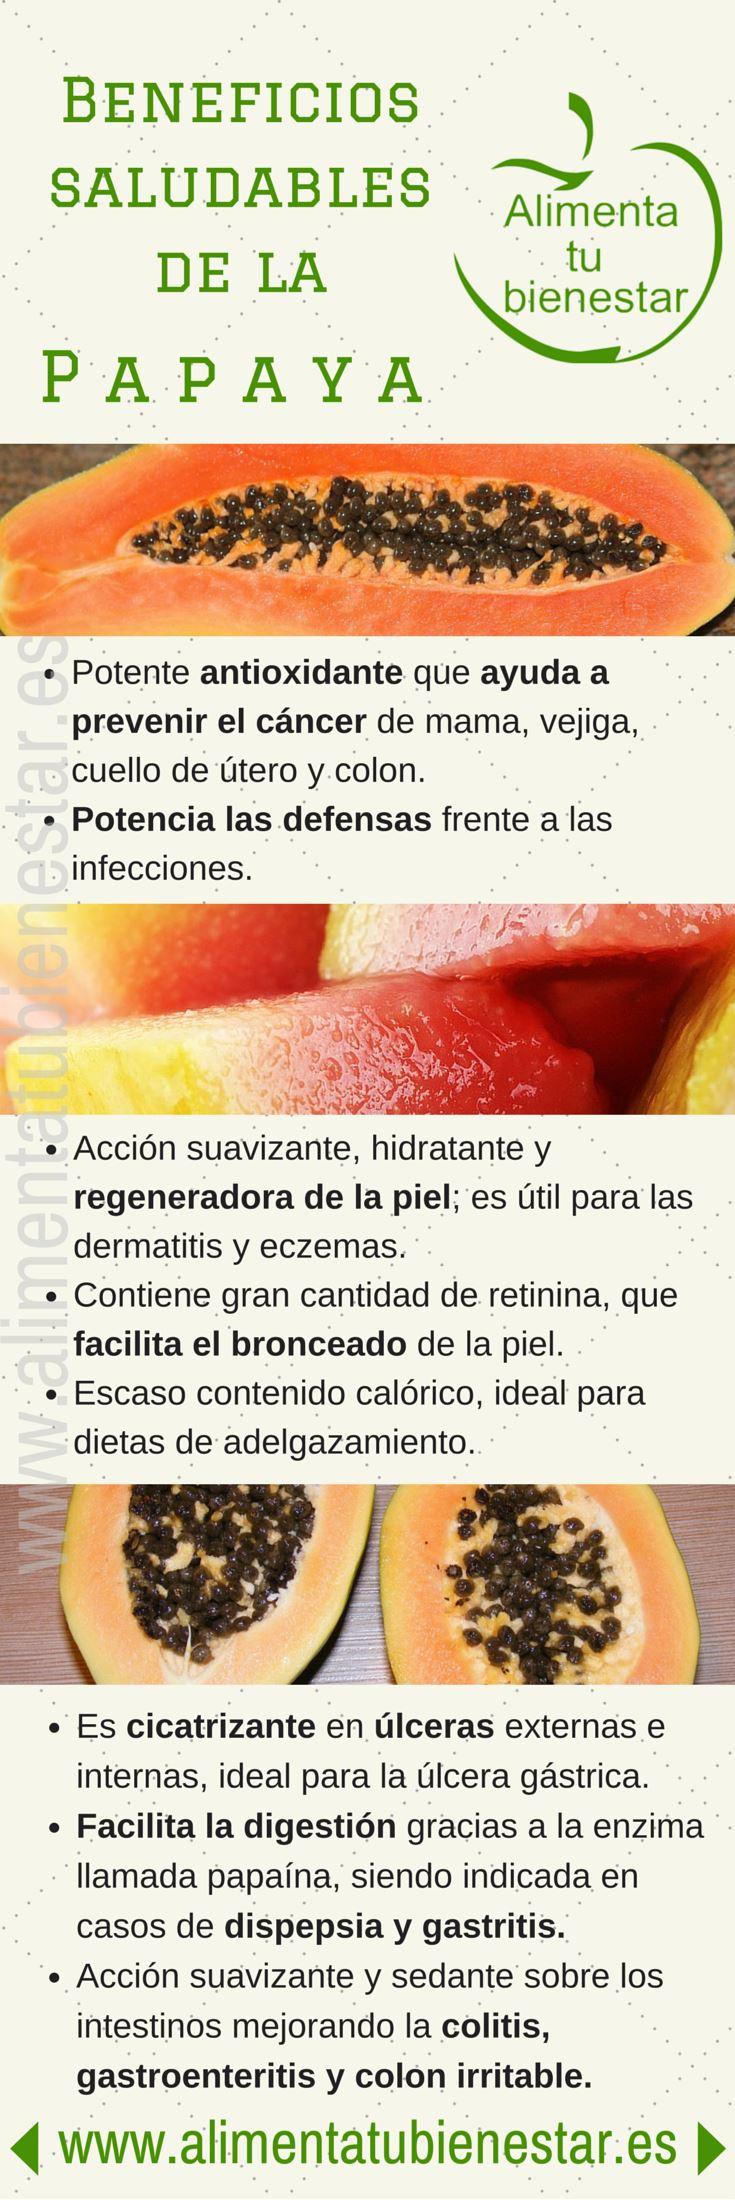 Beneficios saludables de la papaya